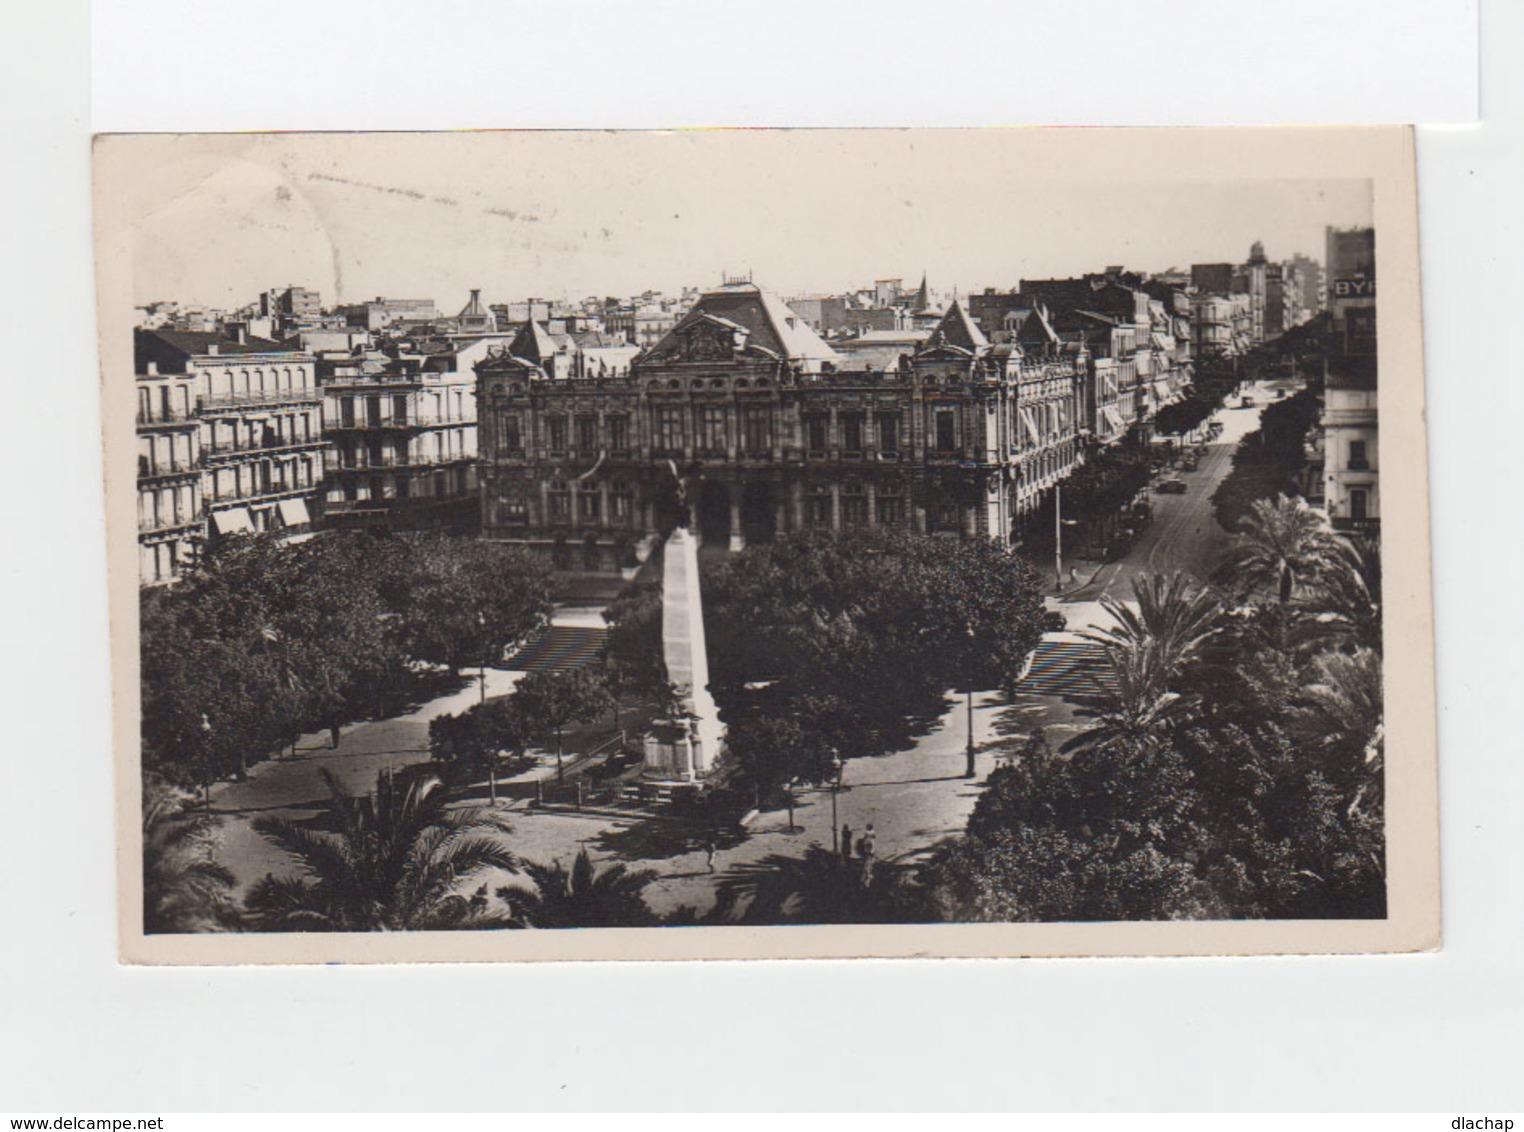 Sur Carte Postale D'Oran Timbre Vue D'Alger CAD Oran R.P. 1941. Poste Aérienne. Remettre Sans Taxe. (3213) - Algérie (1924-1962)